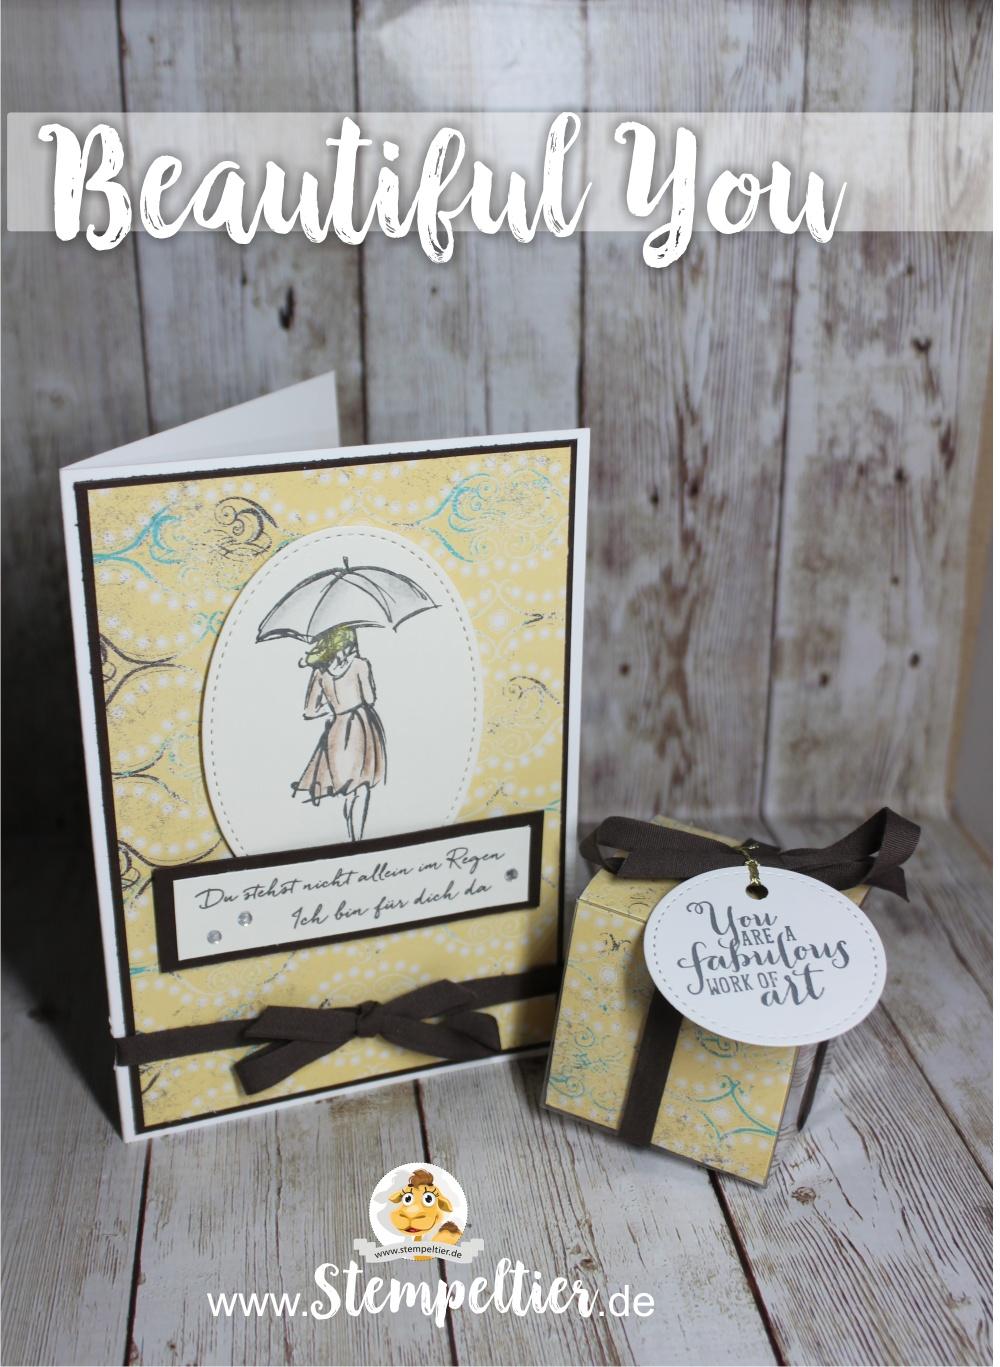 stampin up encouragement beautiful you cupcakes and carrussels stempeltier regen aufmunterung international bloghop